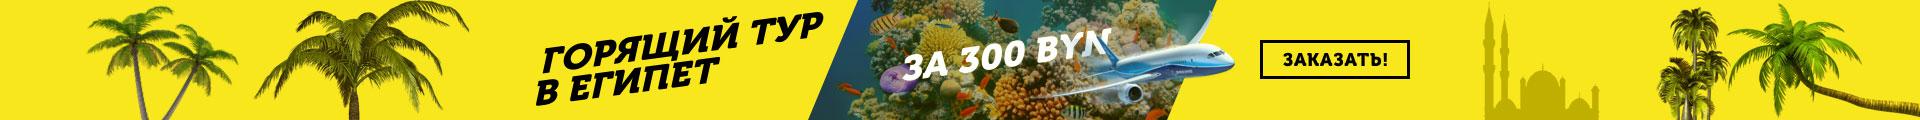 Тур в Египет за 300 белорусских рублей